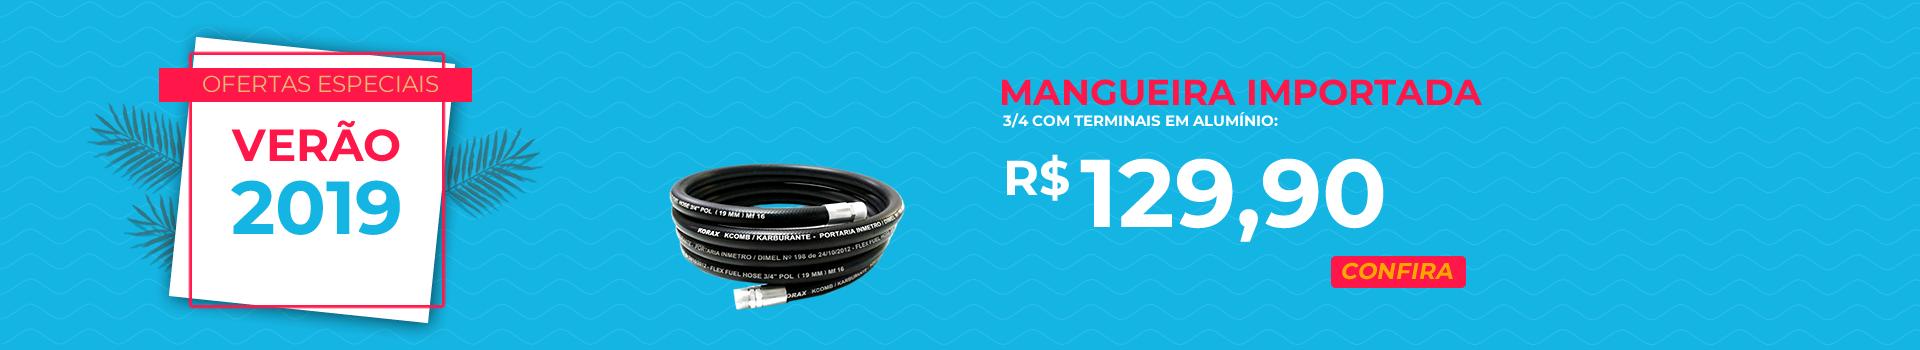 BANNER VERÃO MANGUEIRA